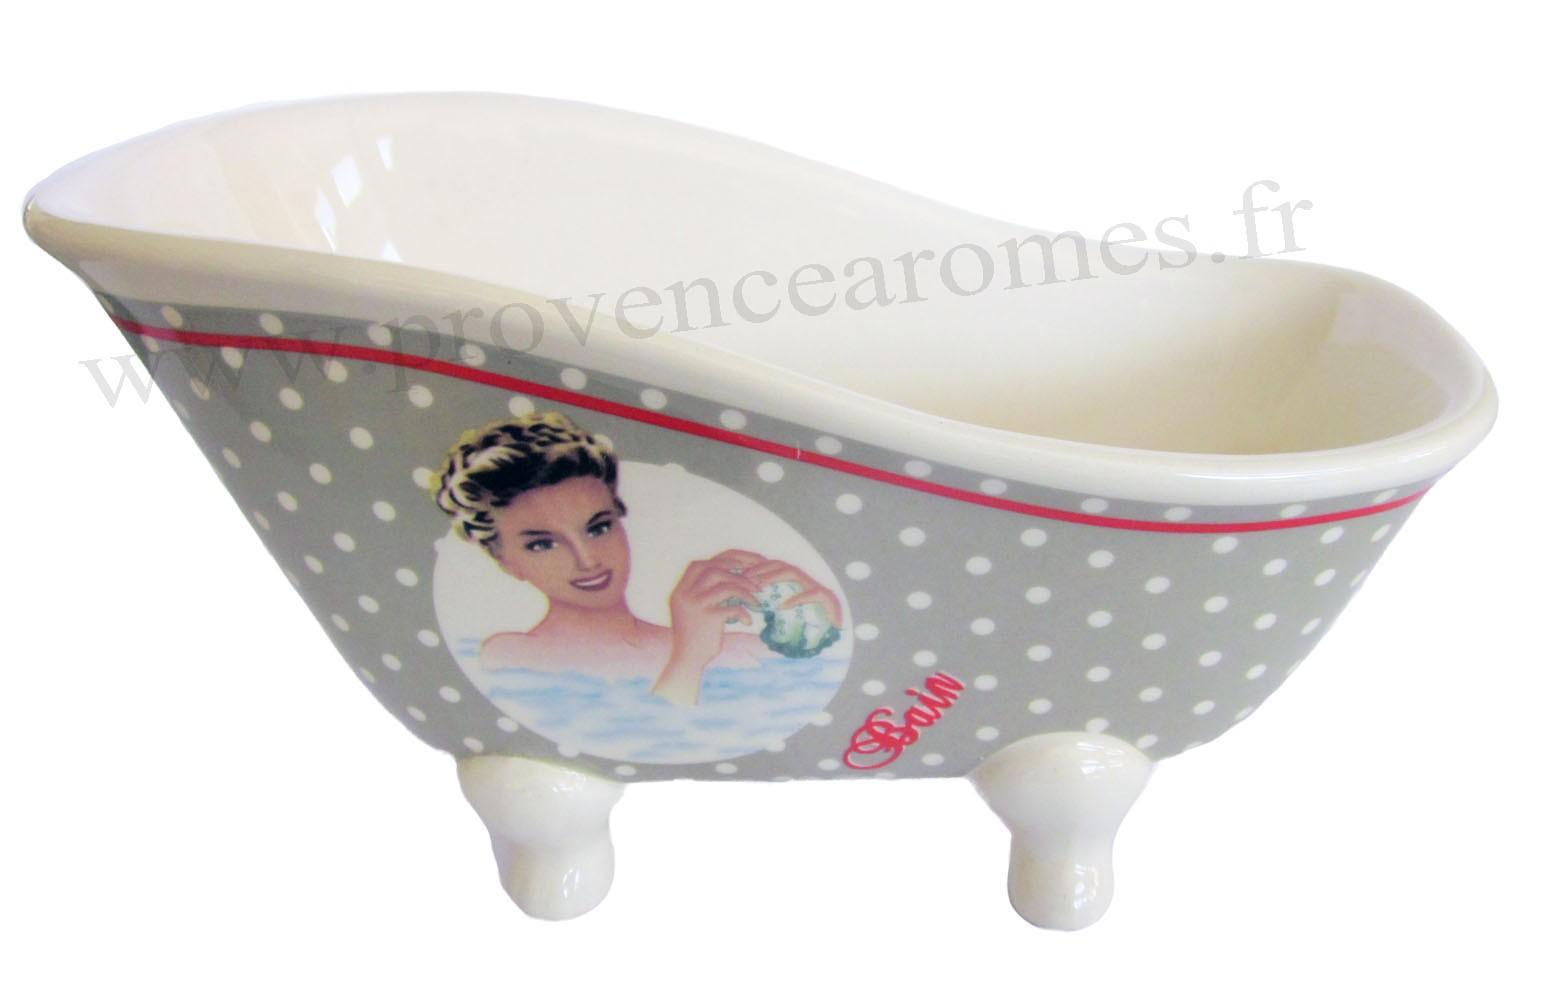 Baignoire Ancienne Sabot Ceramique Le Bain Deco Retro Vintage